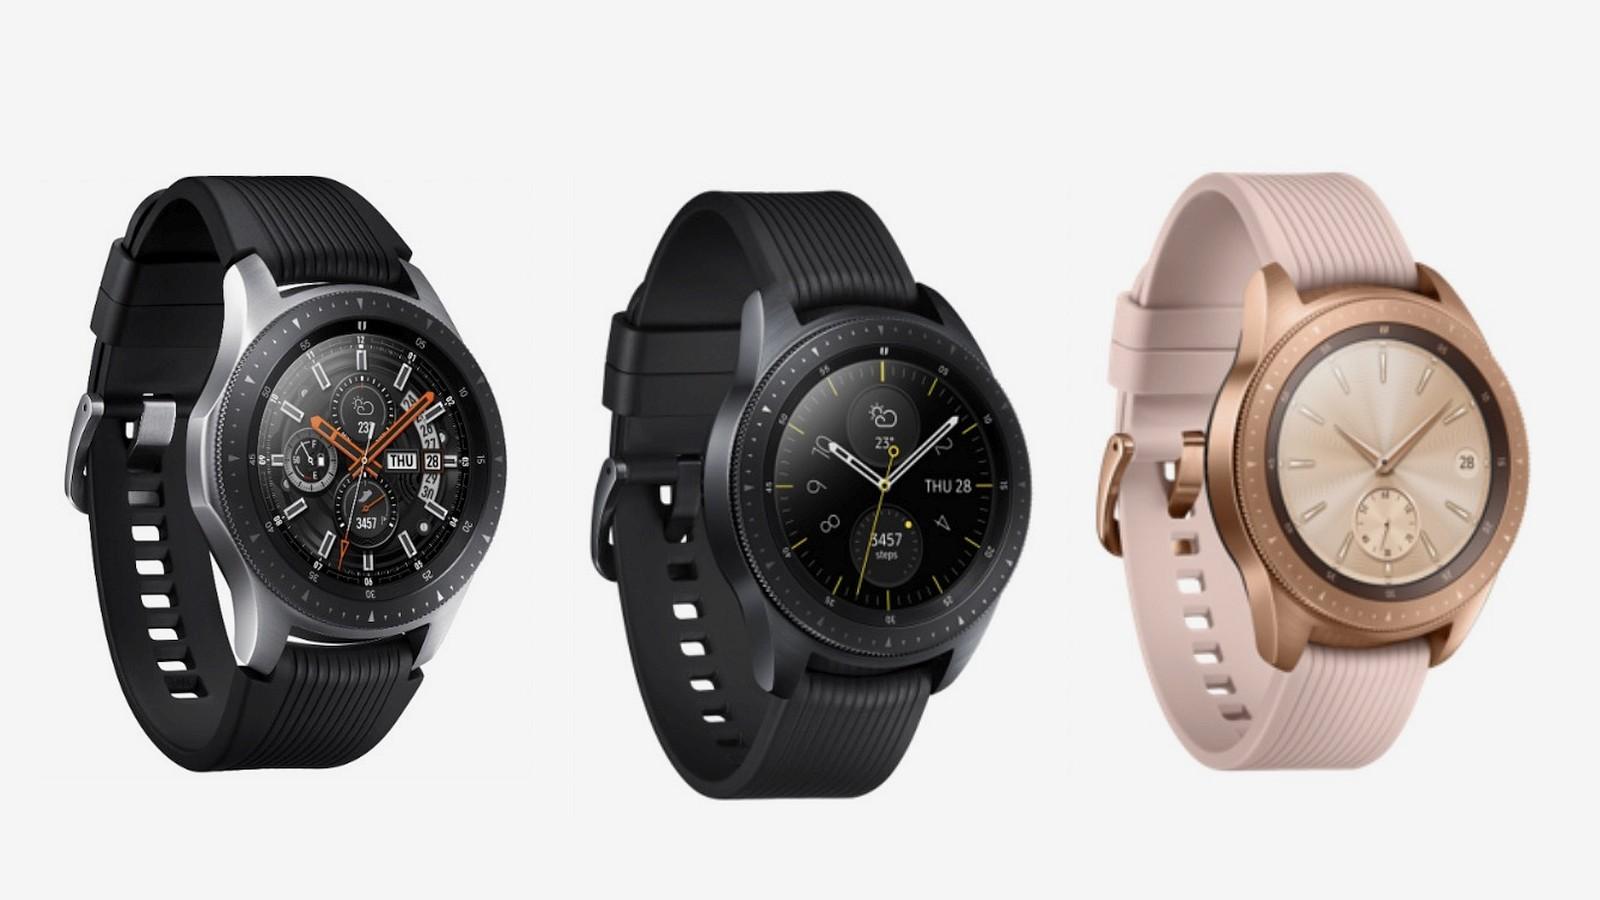 d8b09e63a4 Samsung Galaxy Watch